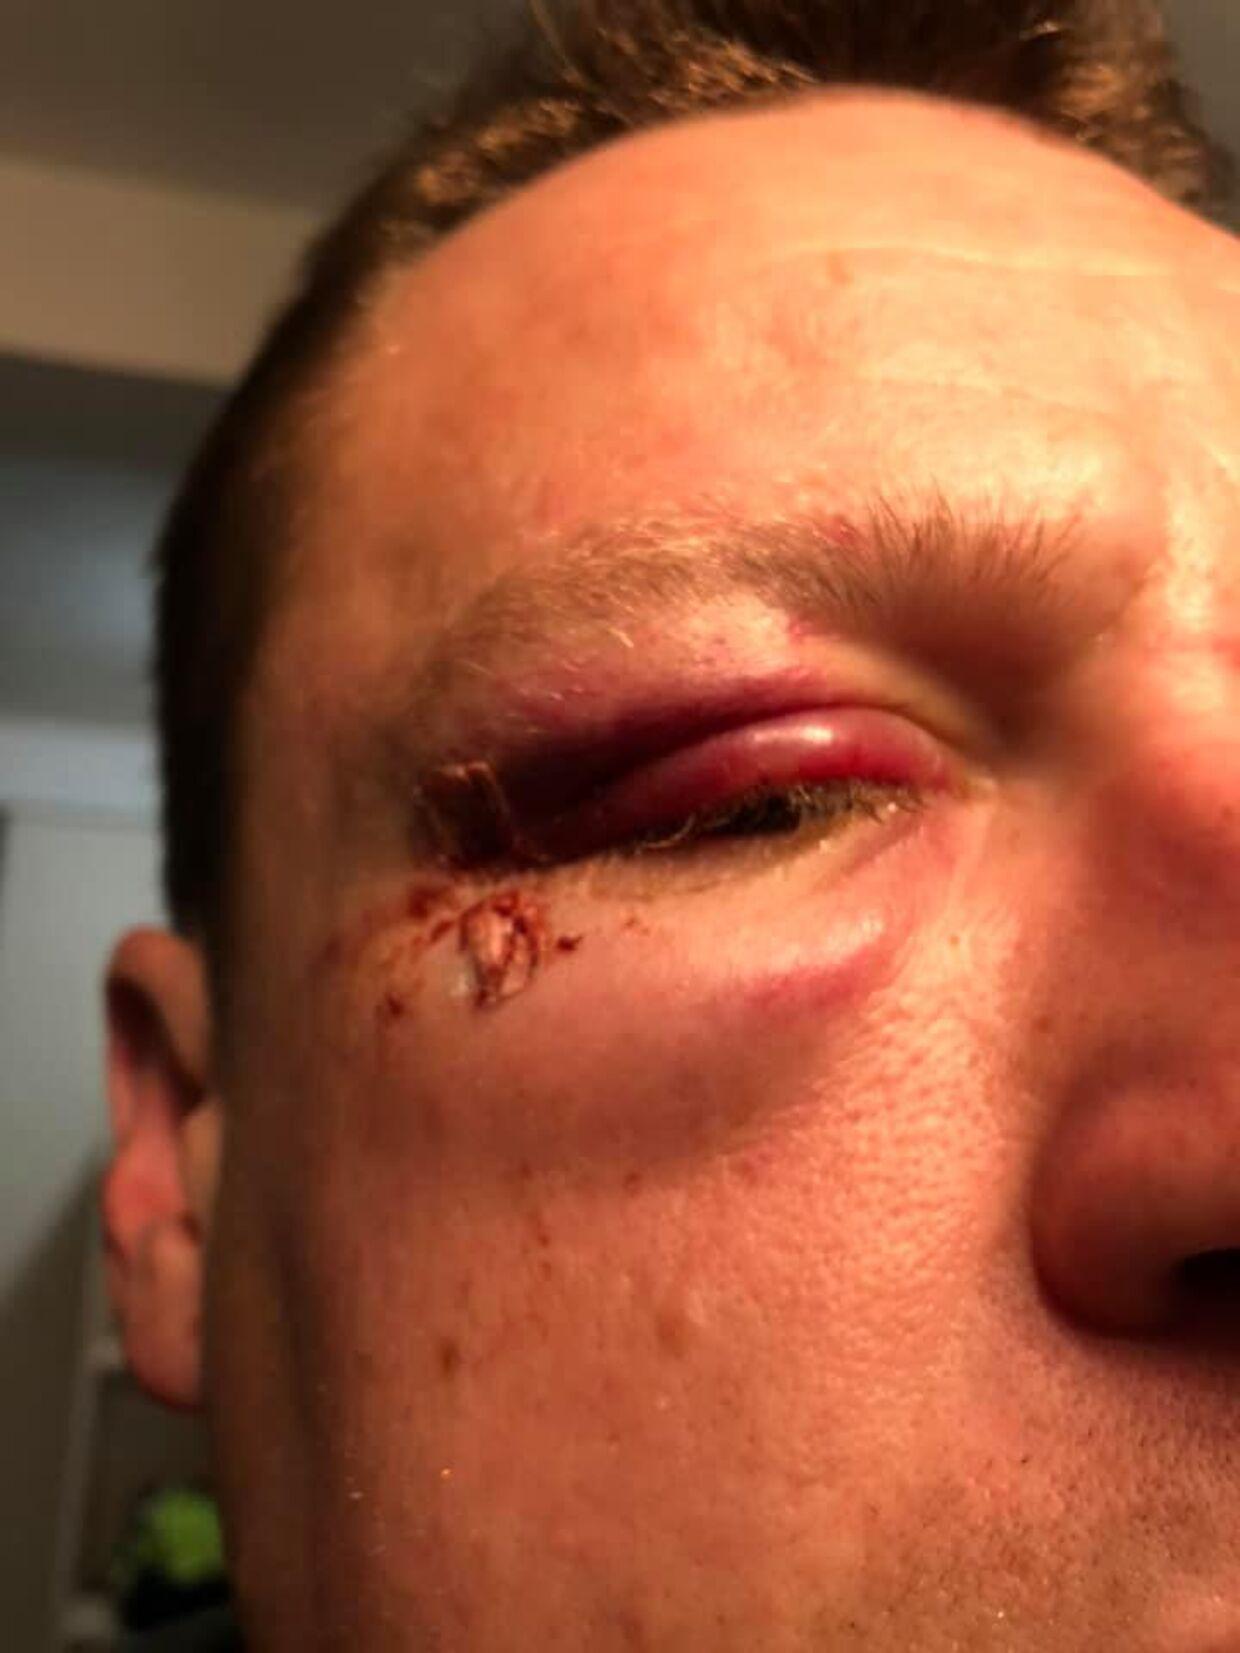 I dag kan Henrik Kring ikke kigge ud af sit højre øje, og han har kraftig hovedpige og skal en tur til fysioterapeuten med sin ømme skulder.